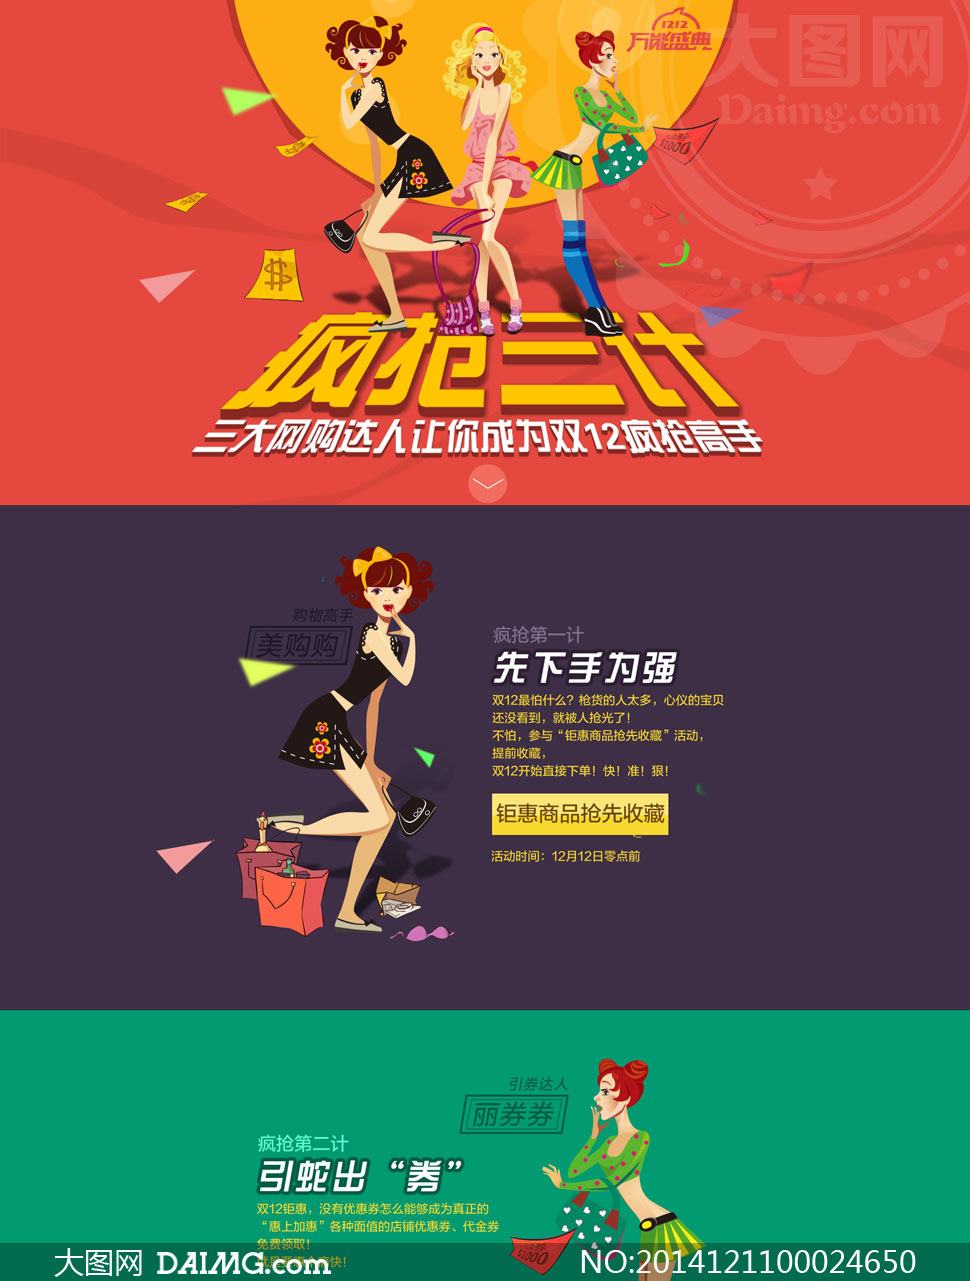 淘宝双12活动页面海报设计psd素材